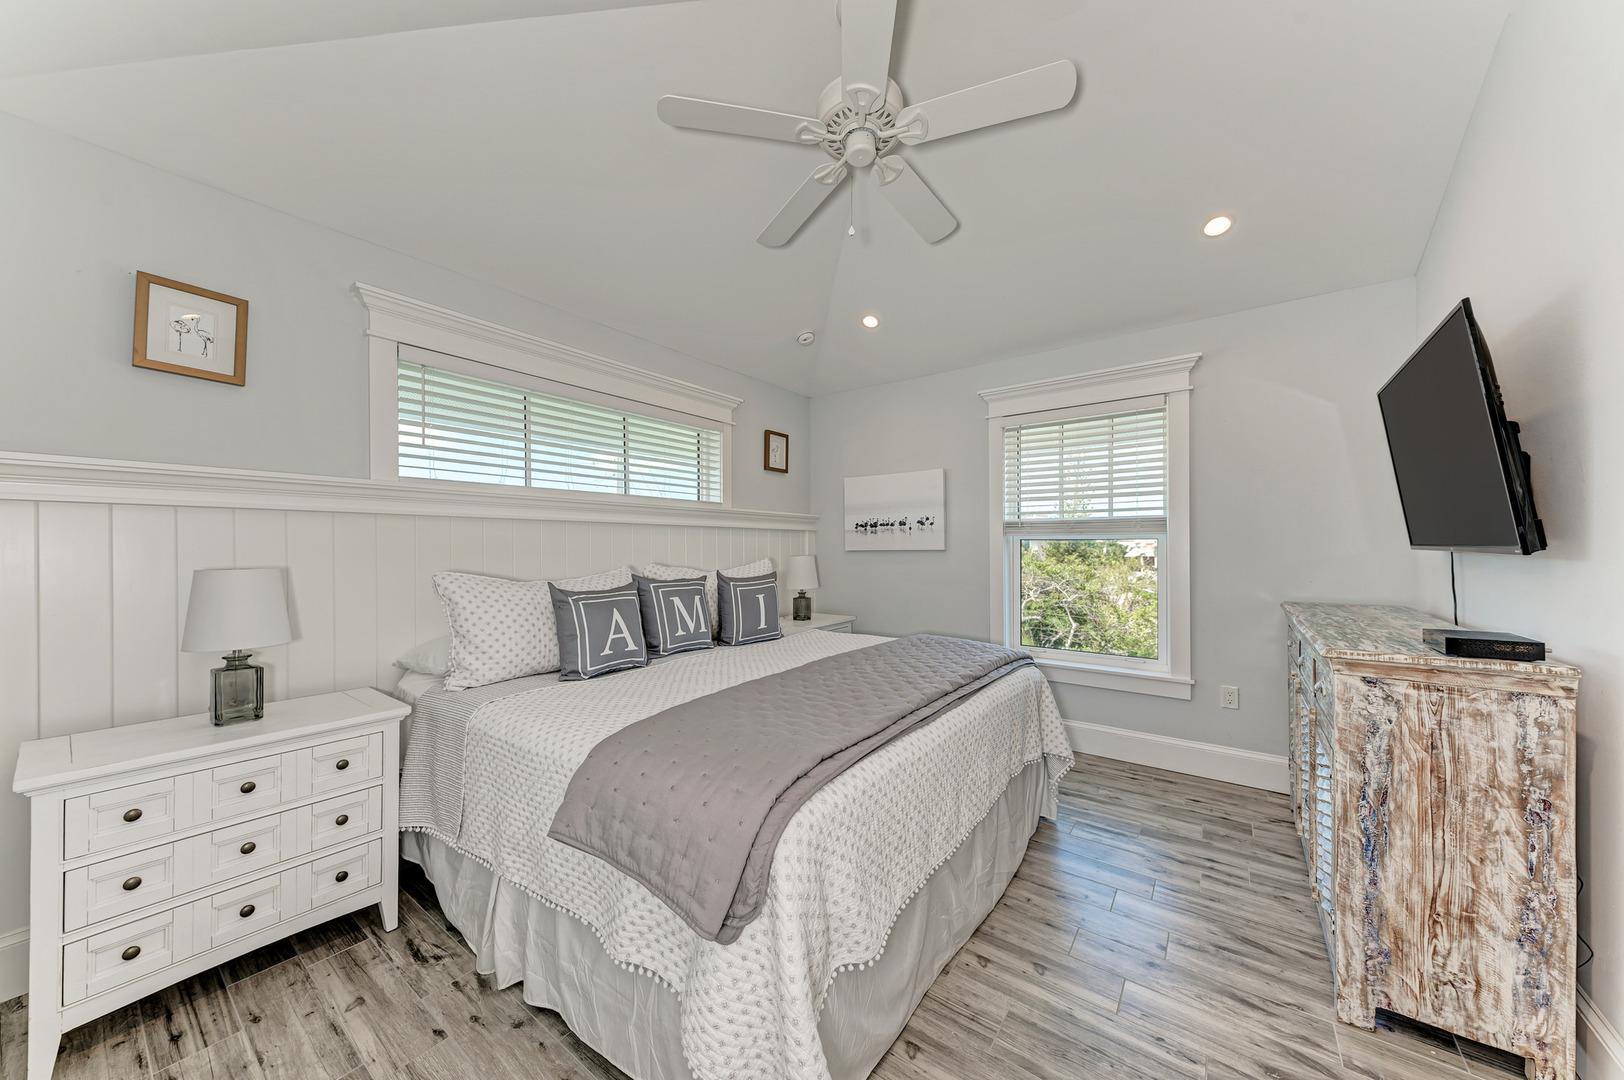 4 Sandpipers 2nd master bedroom view from doorway